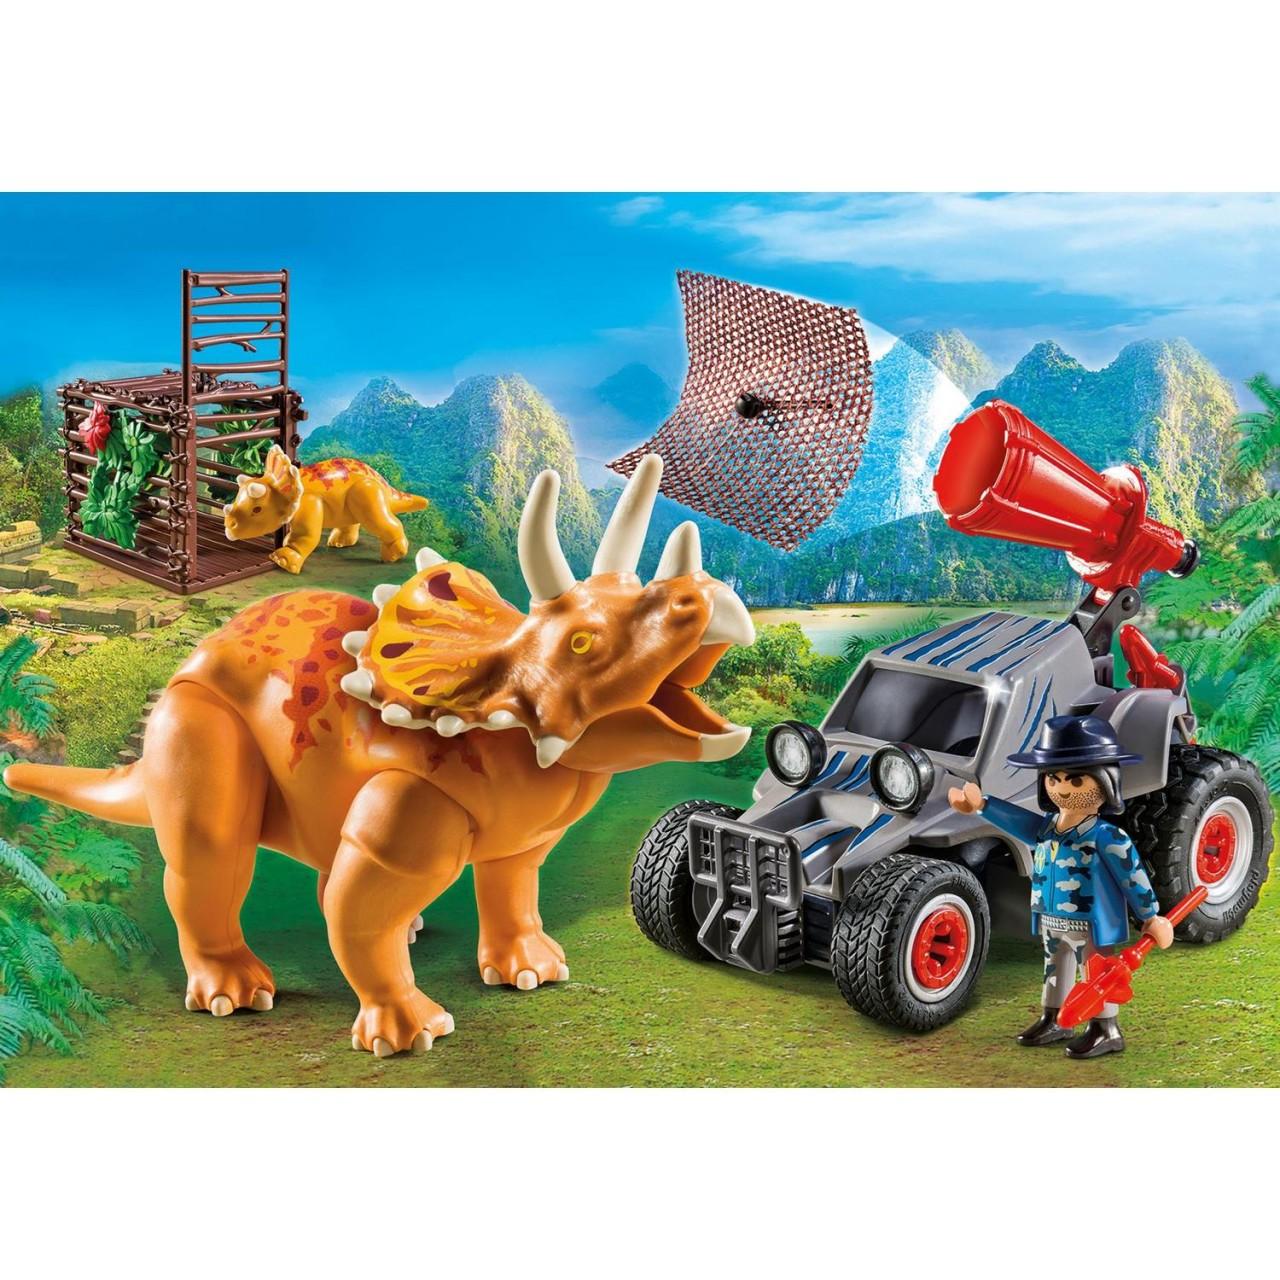 Playmobil 9434 Offroader mit Dino-Fangnetz